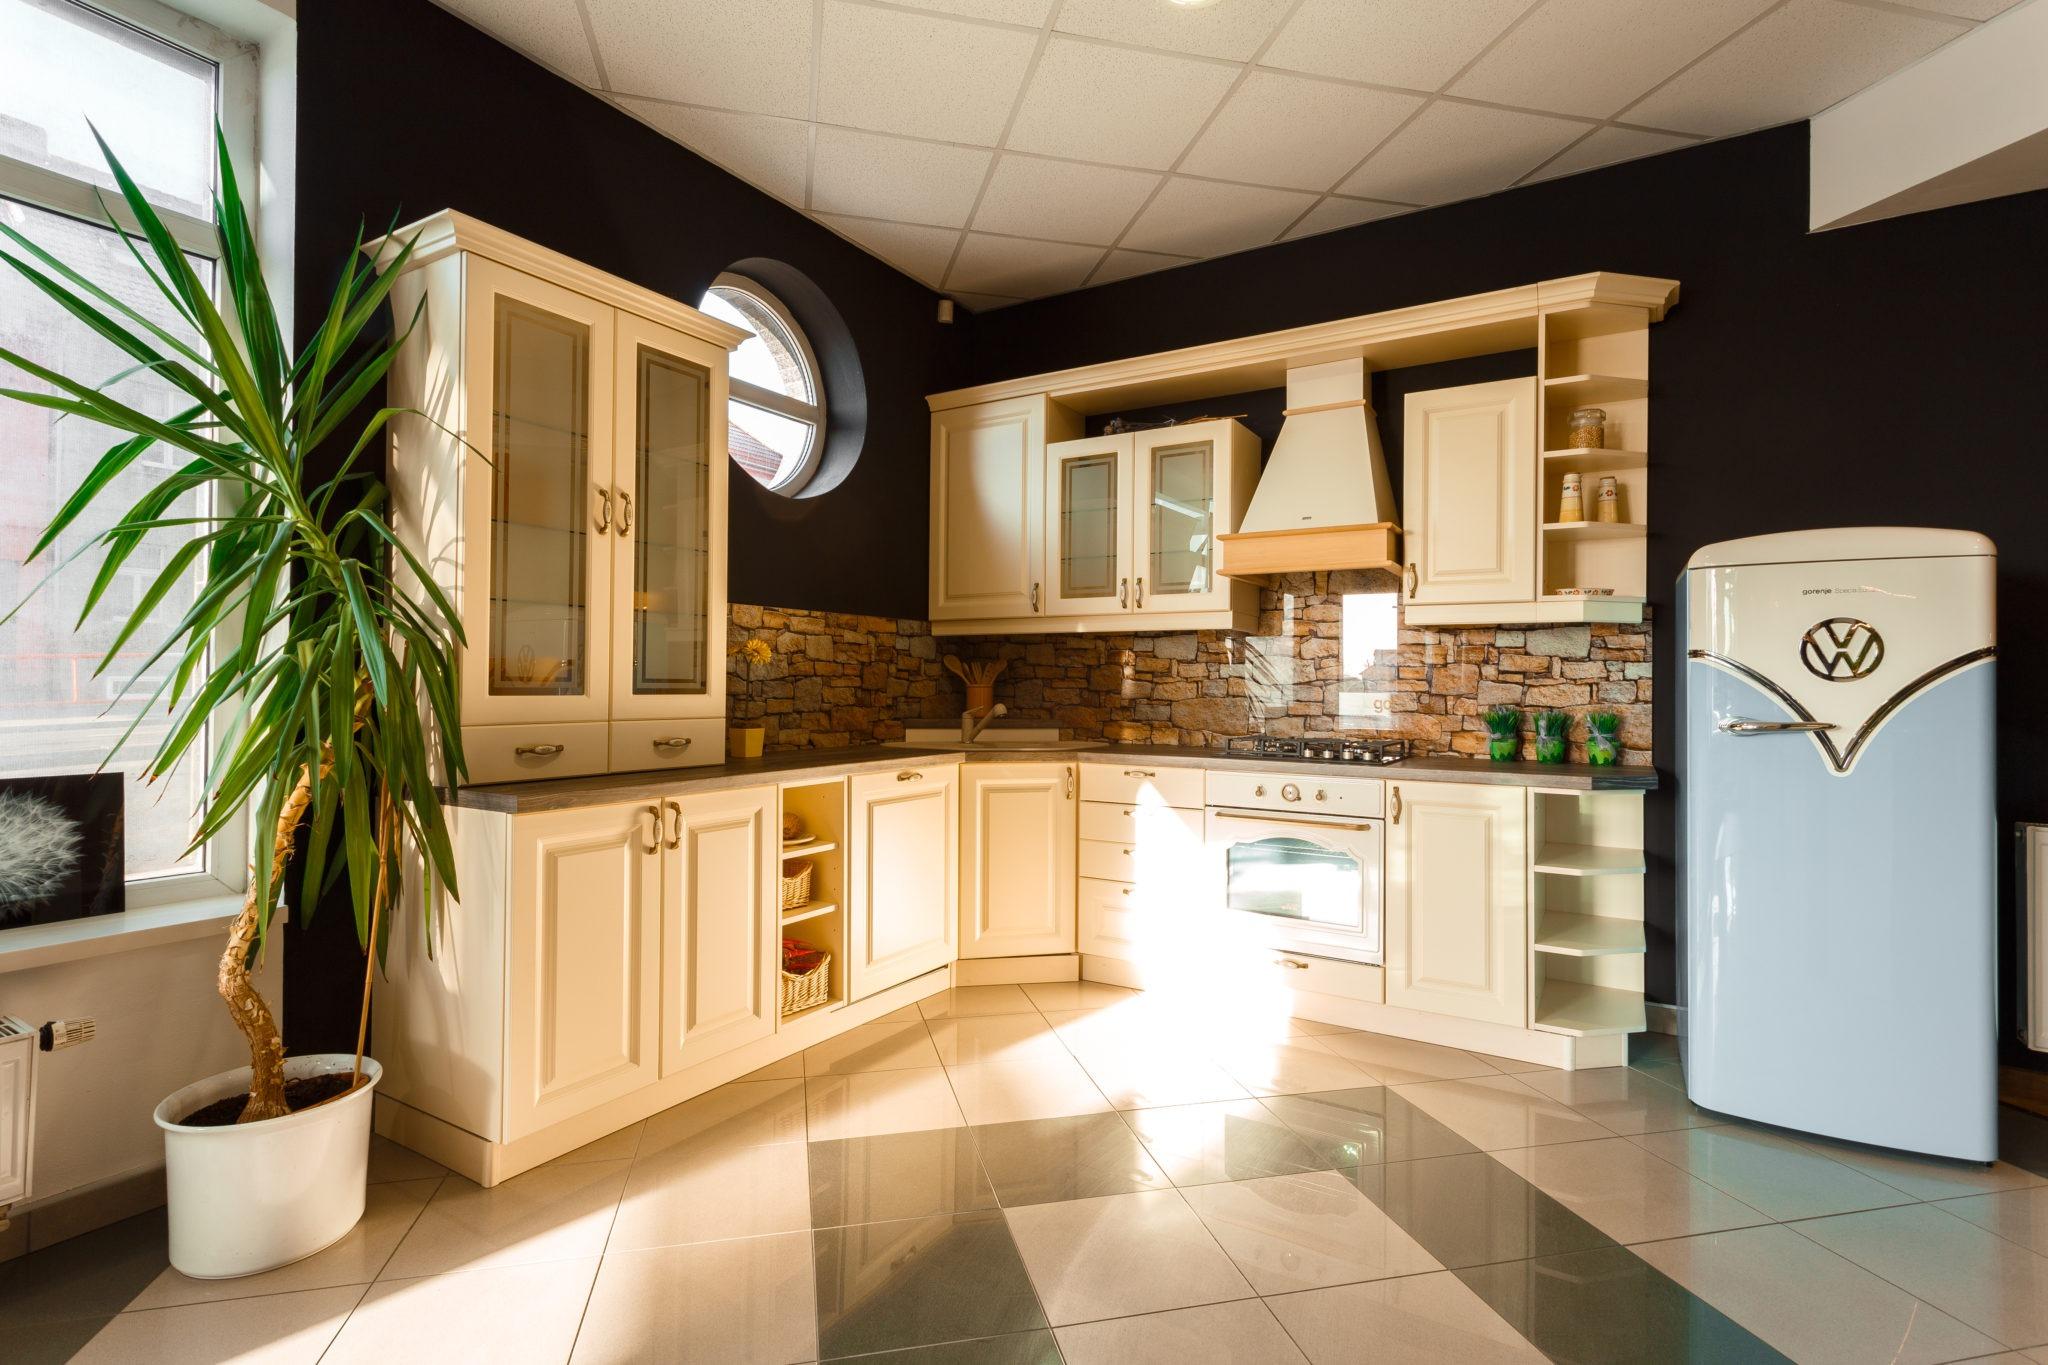 Kuchyňské studio Carmine - Smluvní partner Gorenje, Praha 8 Kobylisy